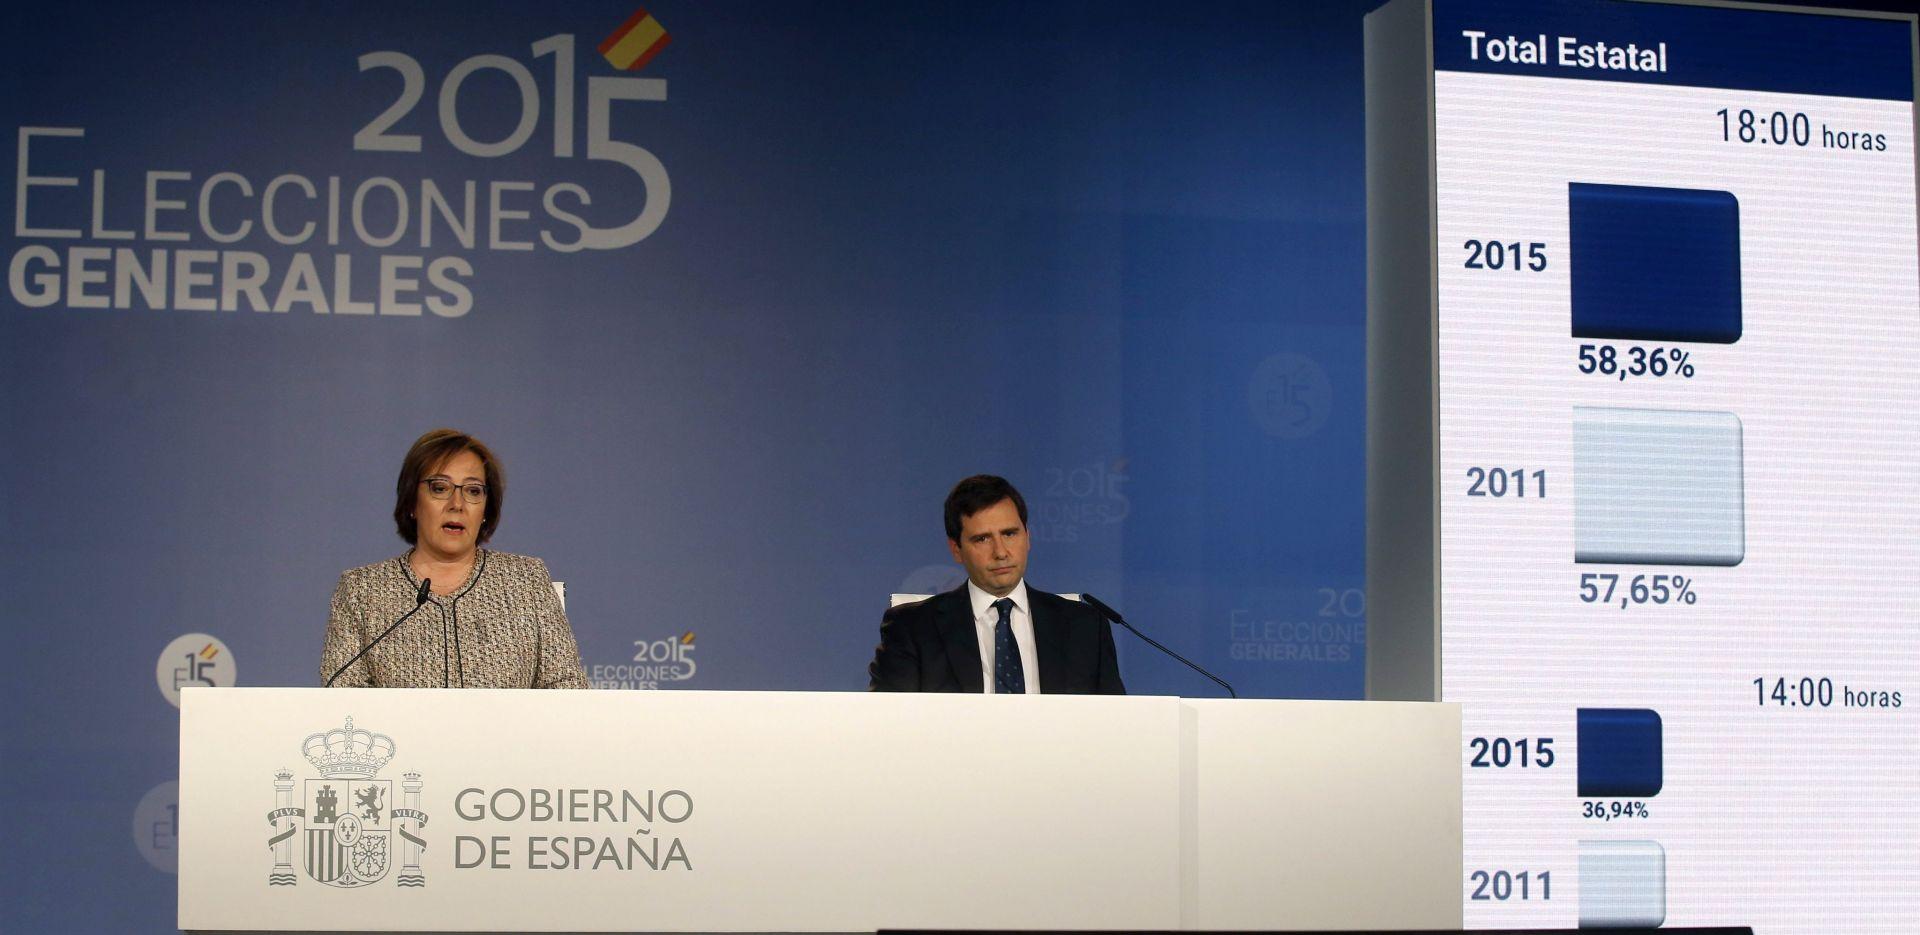 PODEMOS TEK TREĆI Vladajući španjolski konzervativci dobili izbore